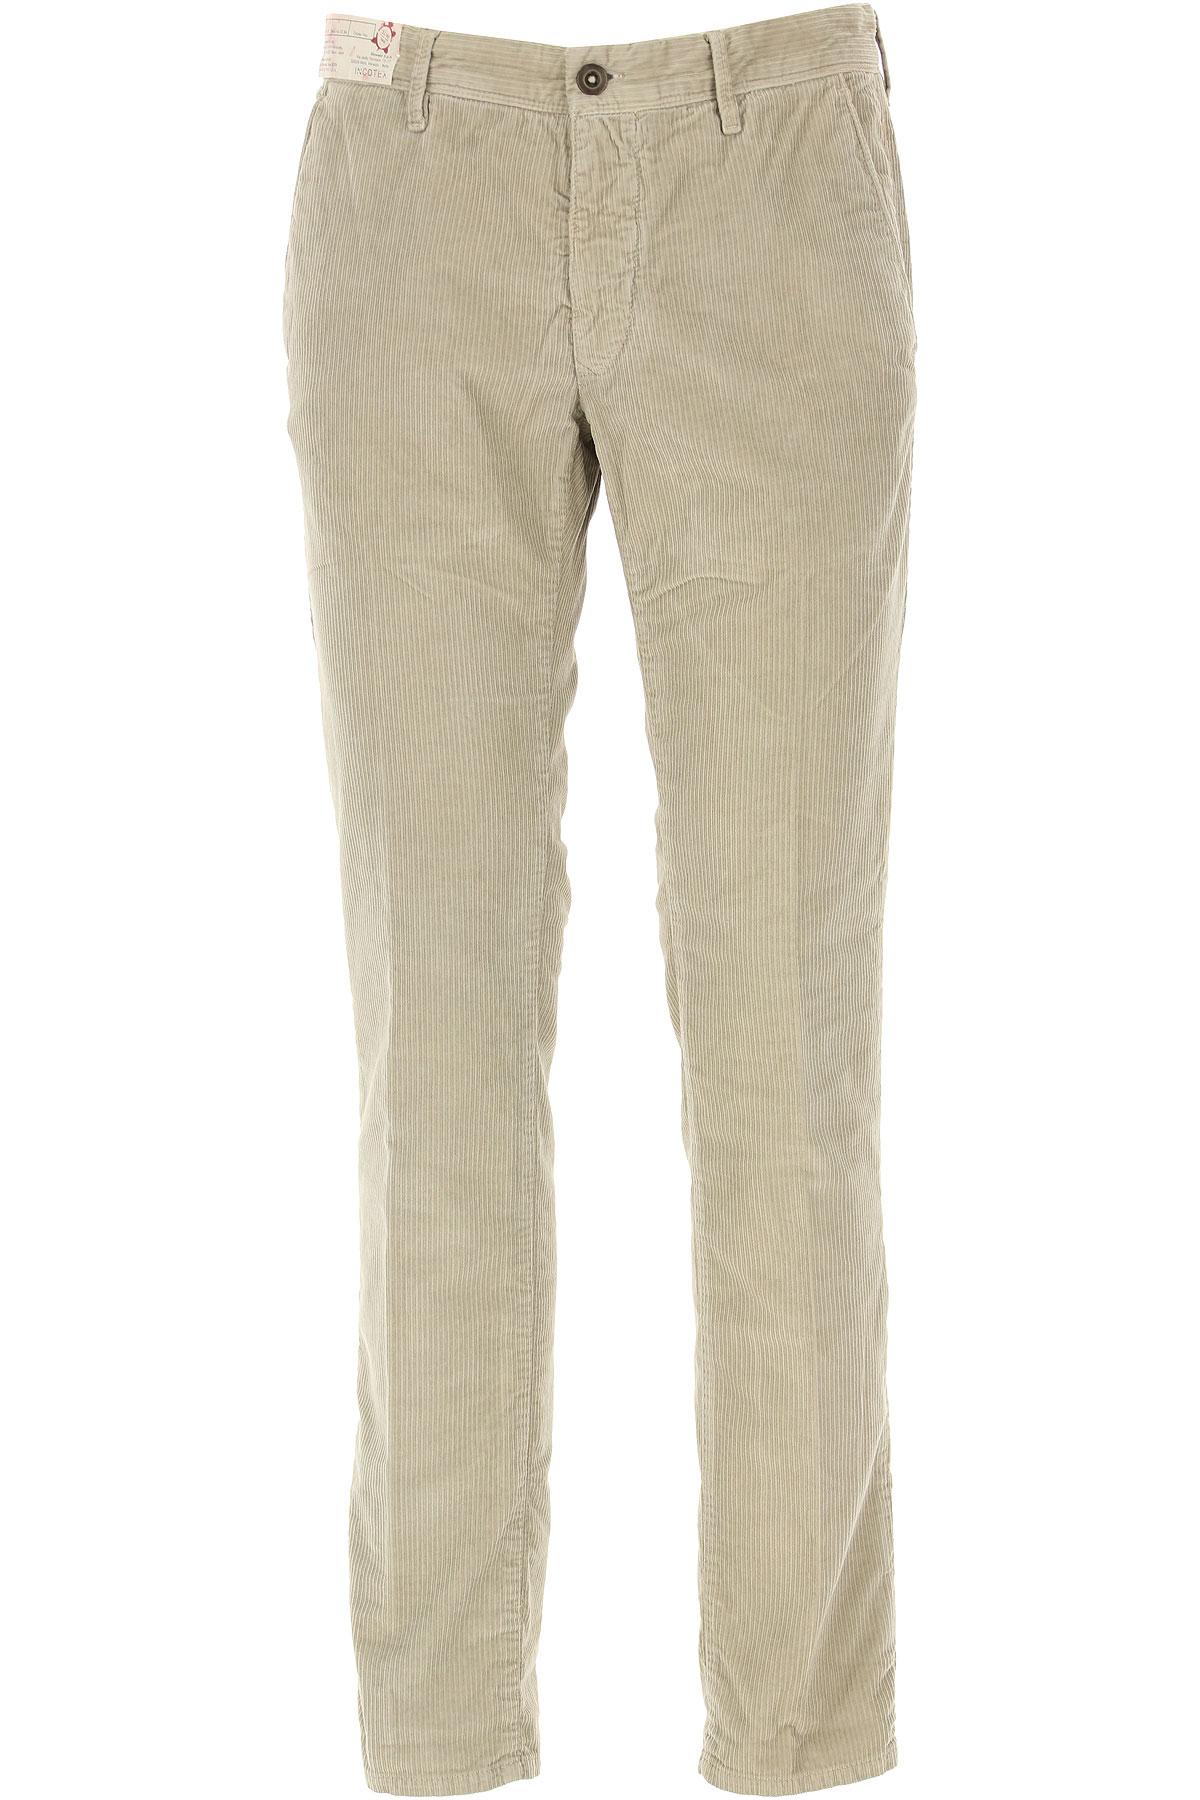 Incotex Pants for Men On Sale, Beige, Cotton, 2019, 33 36